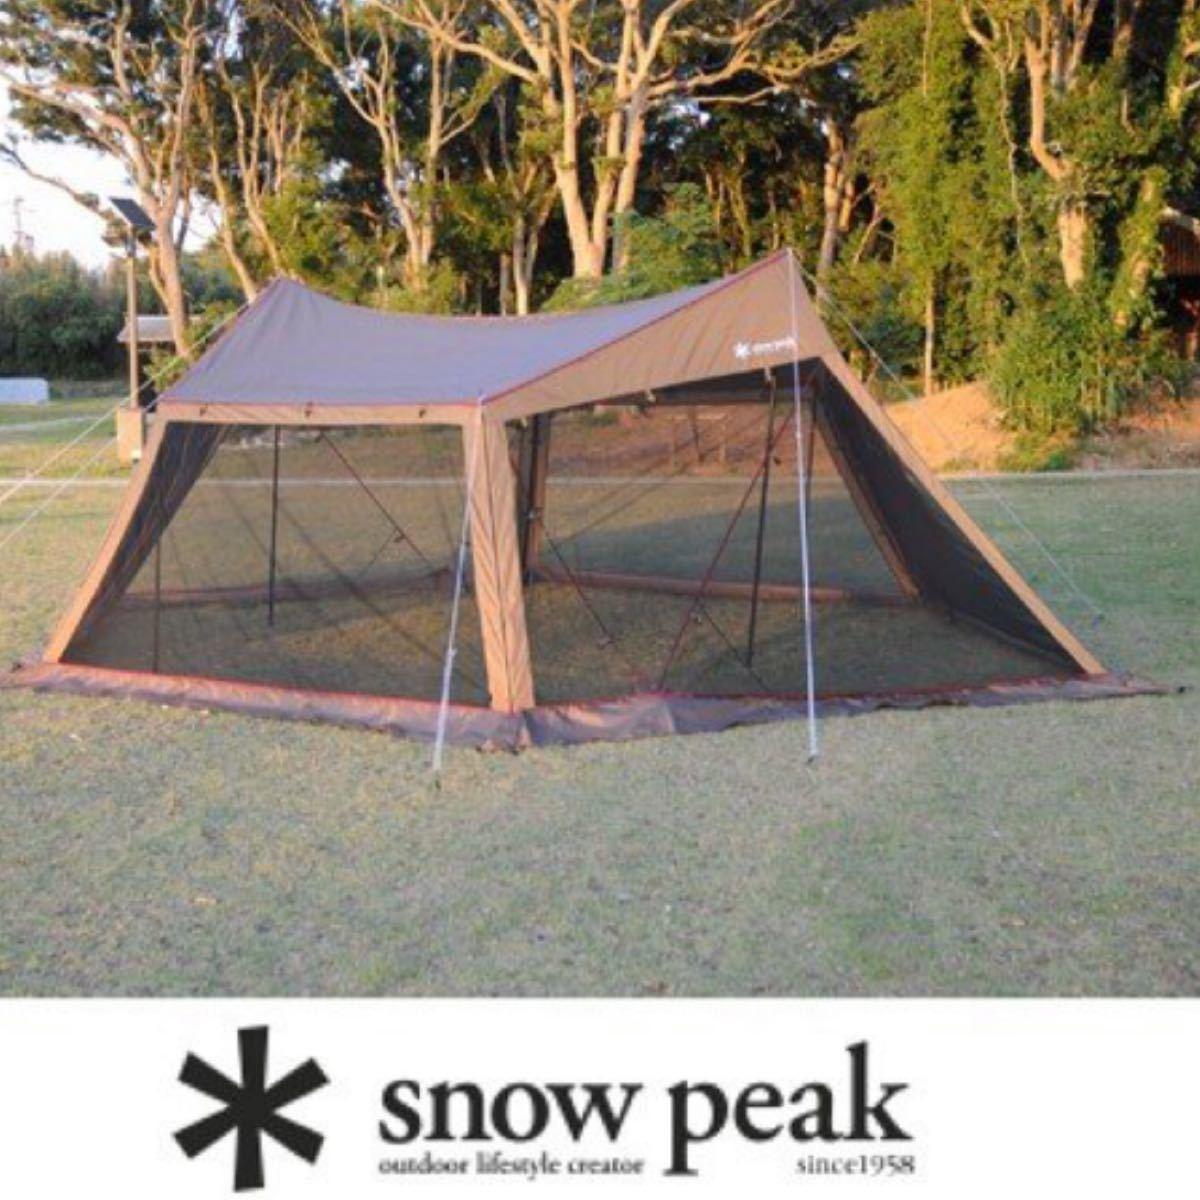 【snow peak】 スノーピーク カヤード [TP-400]